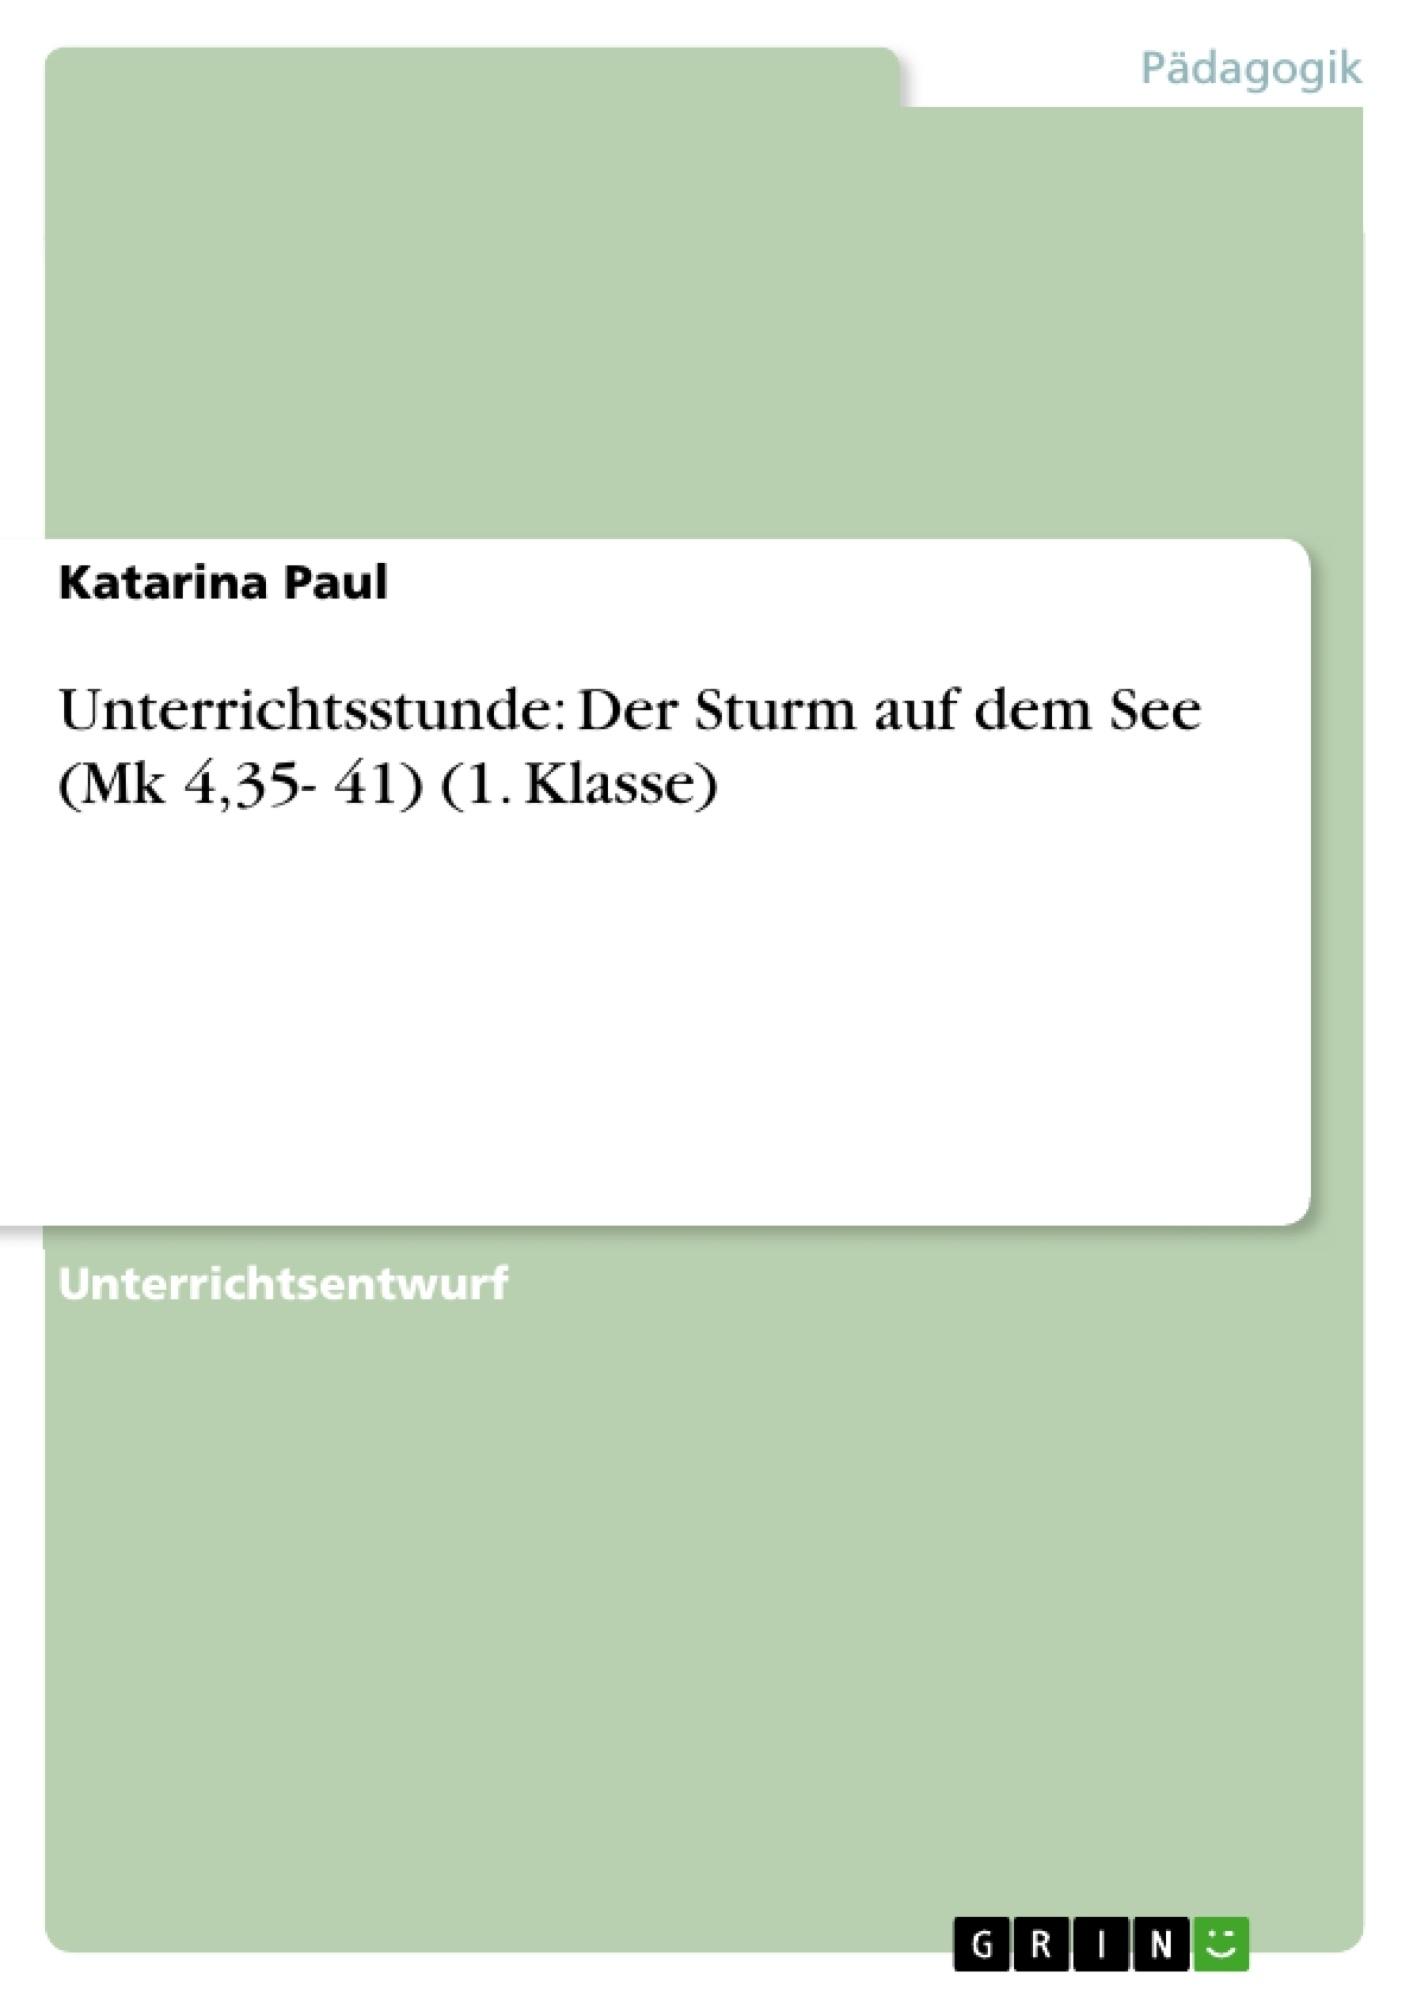 Titel: Unterrichtsstunde: Der Sturm auf dem See (Mk 4,35- 41) (1. Klasse)